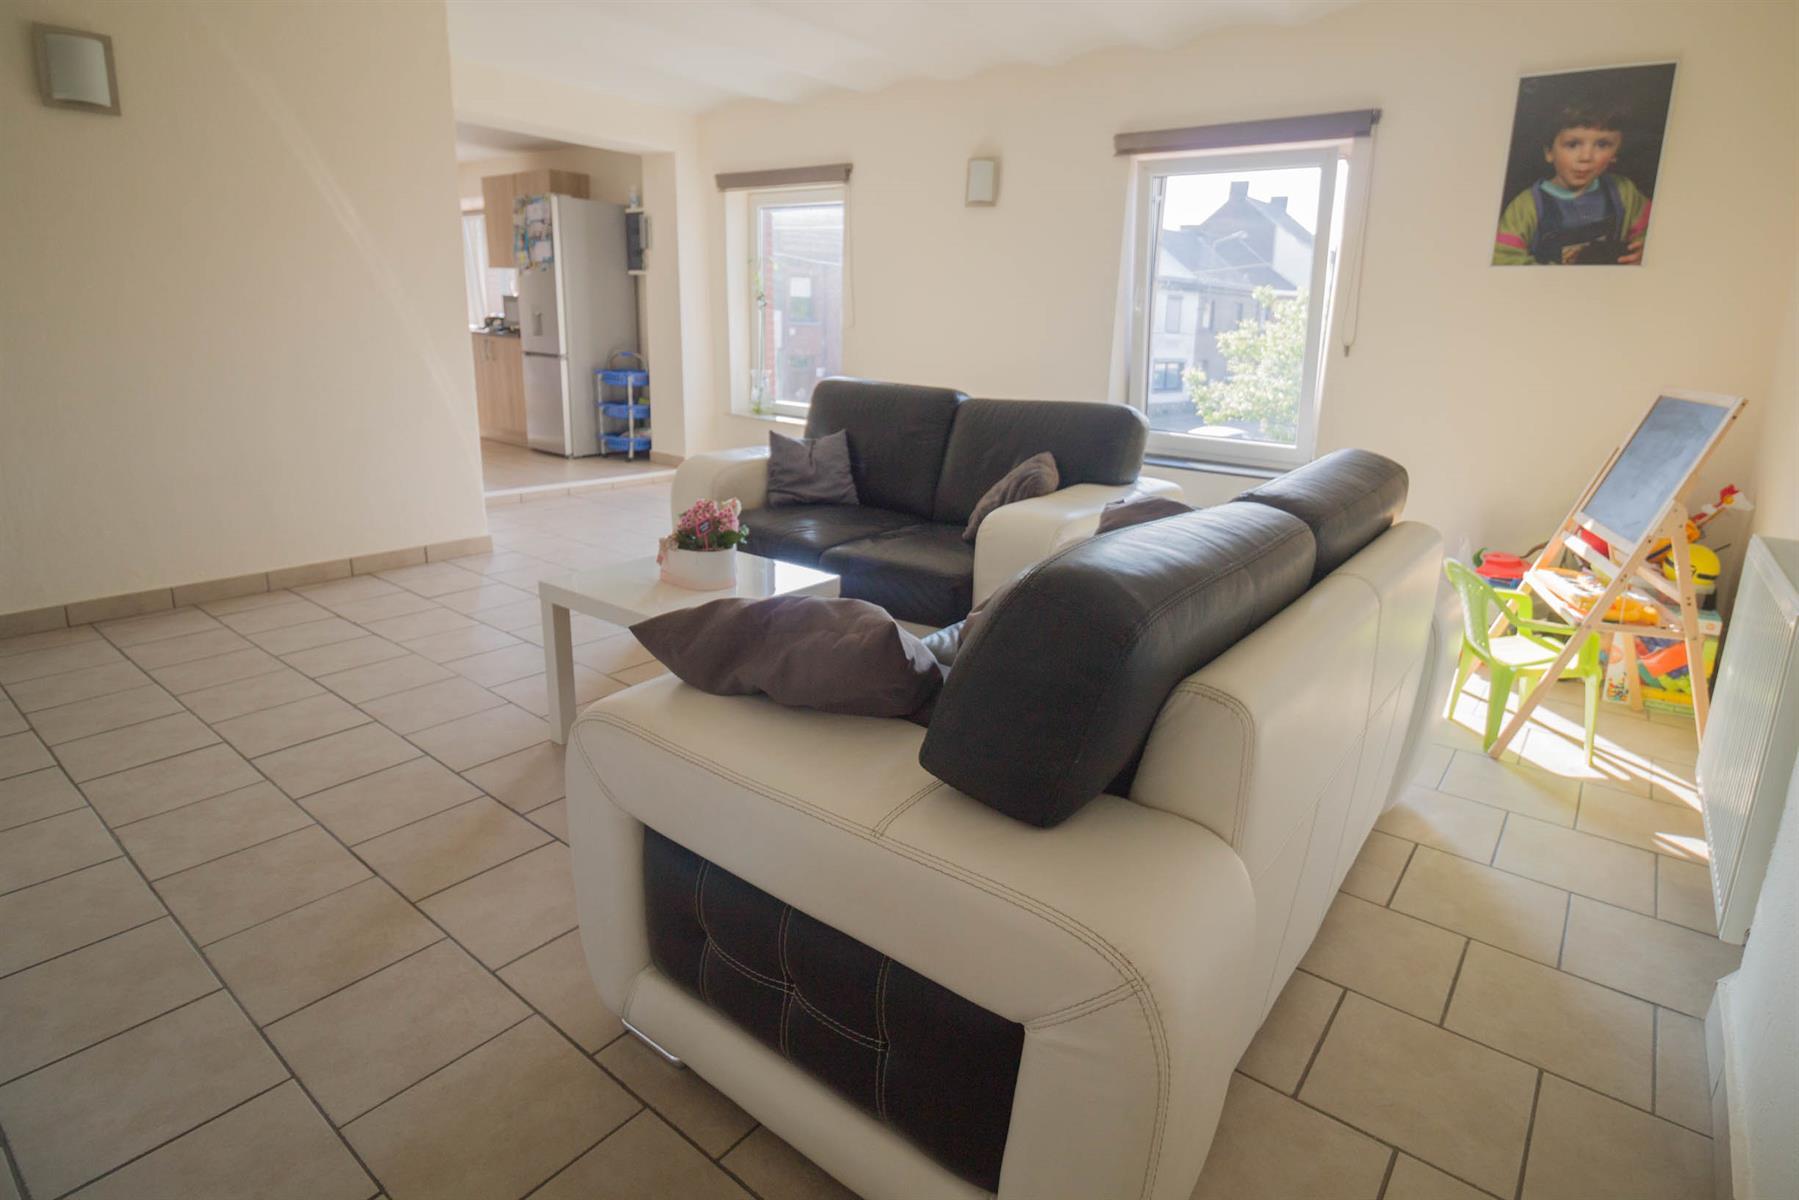 Appartement - Forchies-la-Marche - #4397249-18